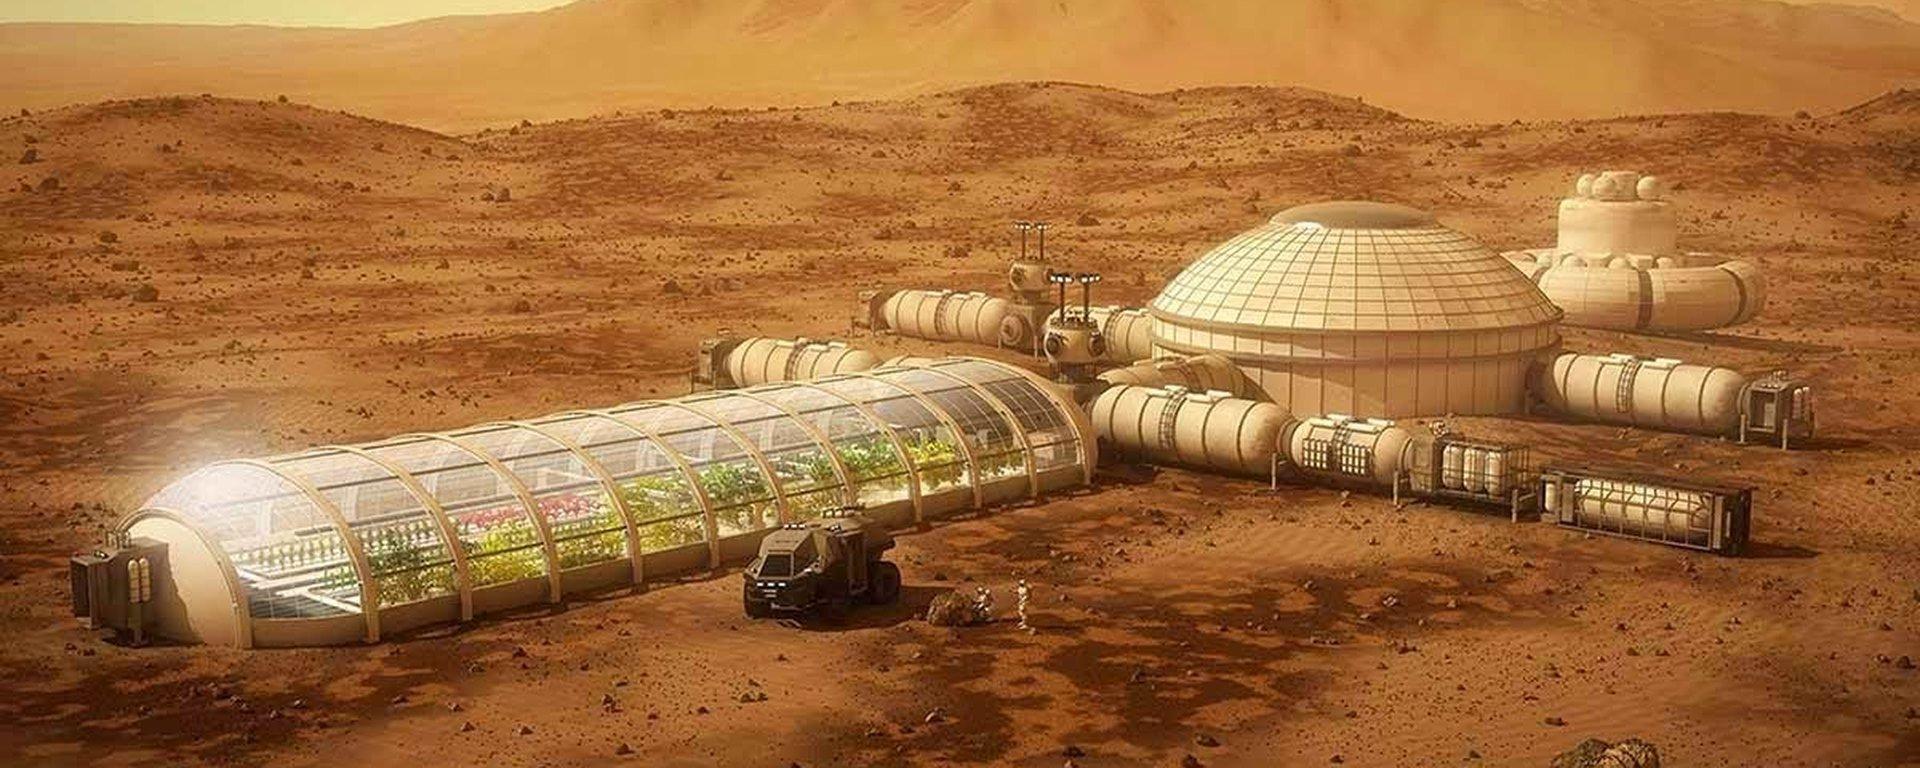 mars base layout - 1200×613